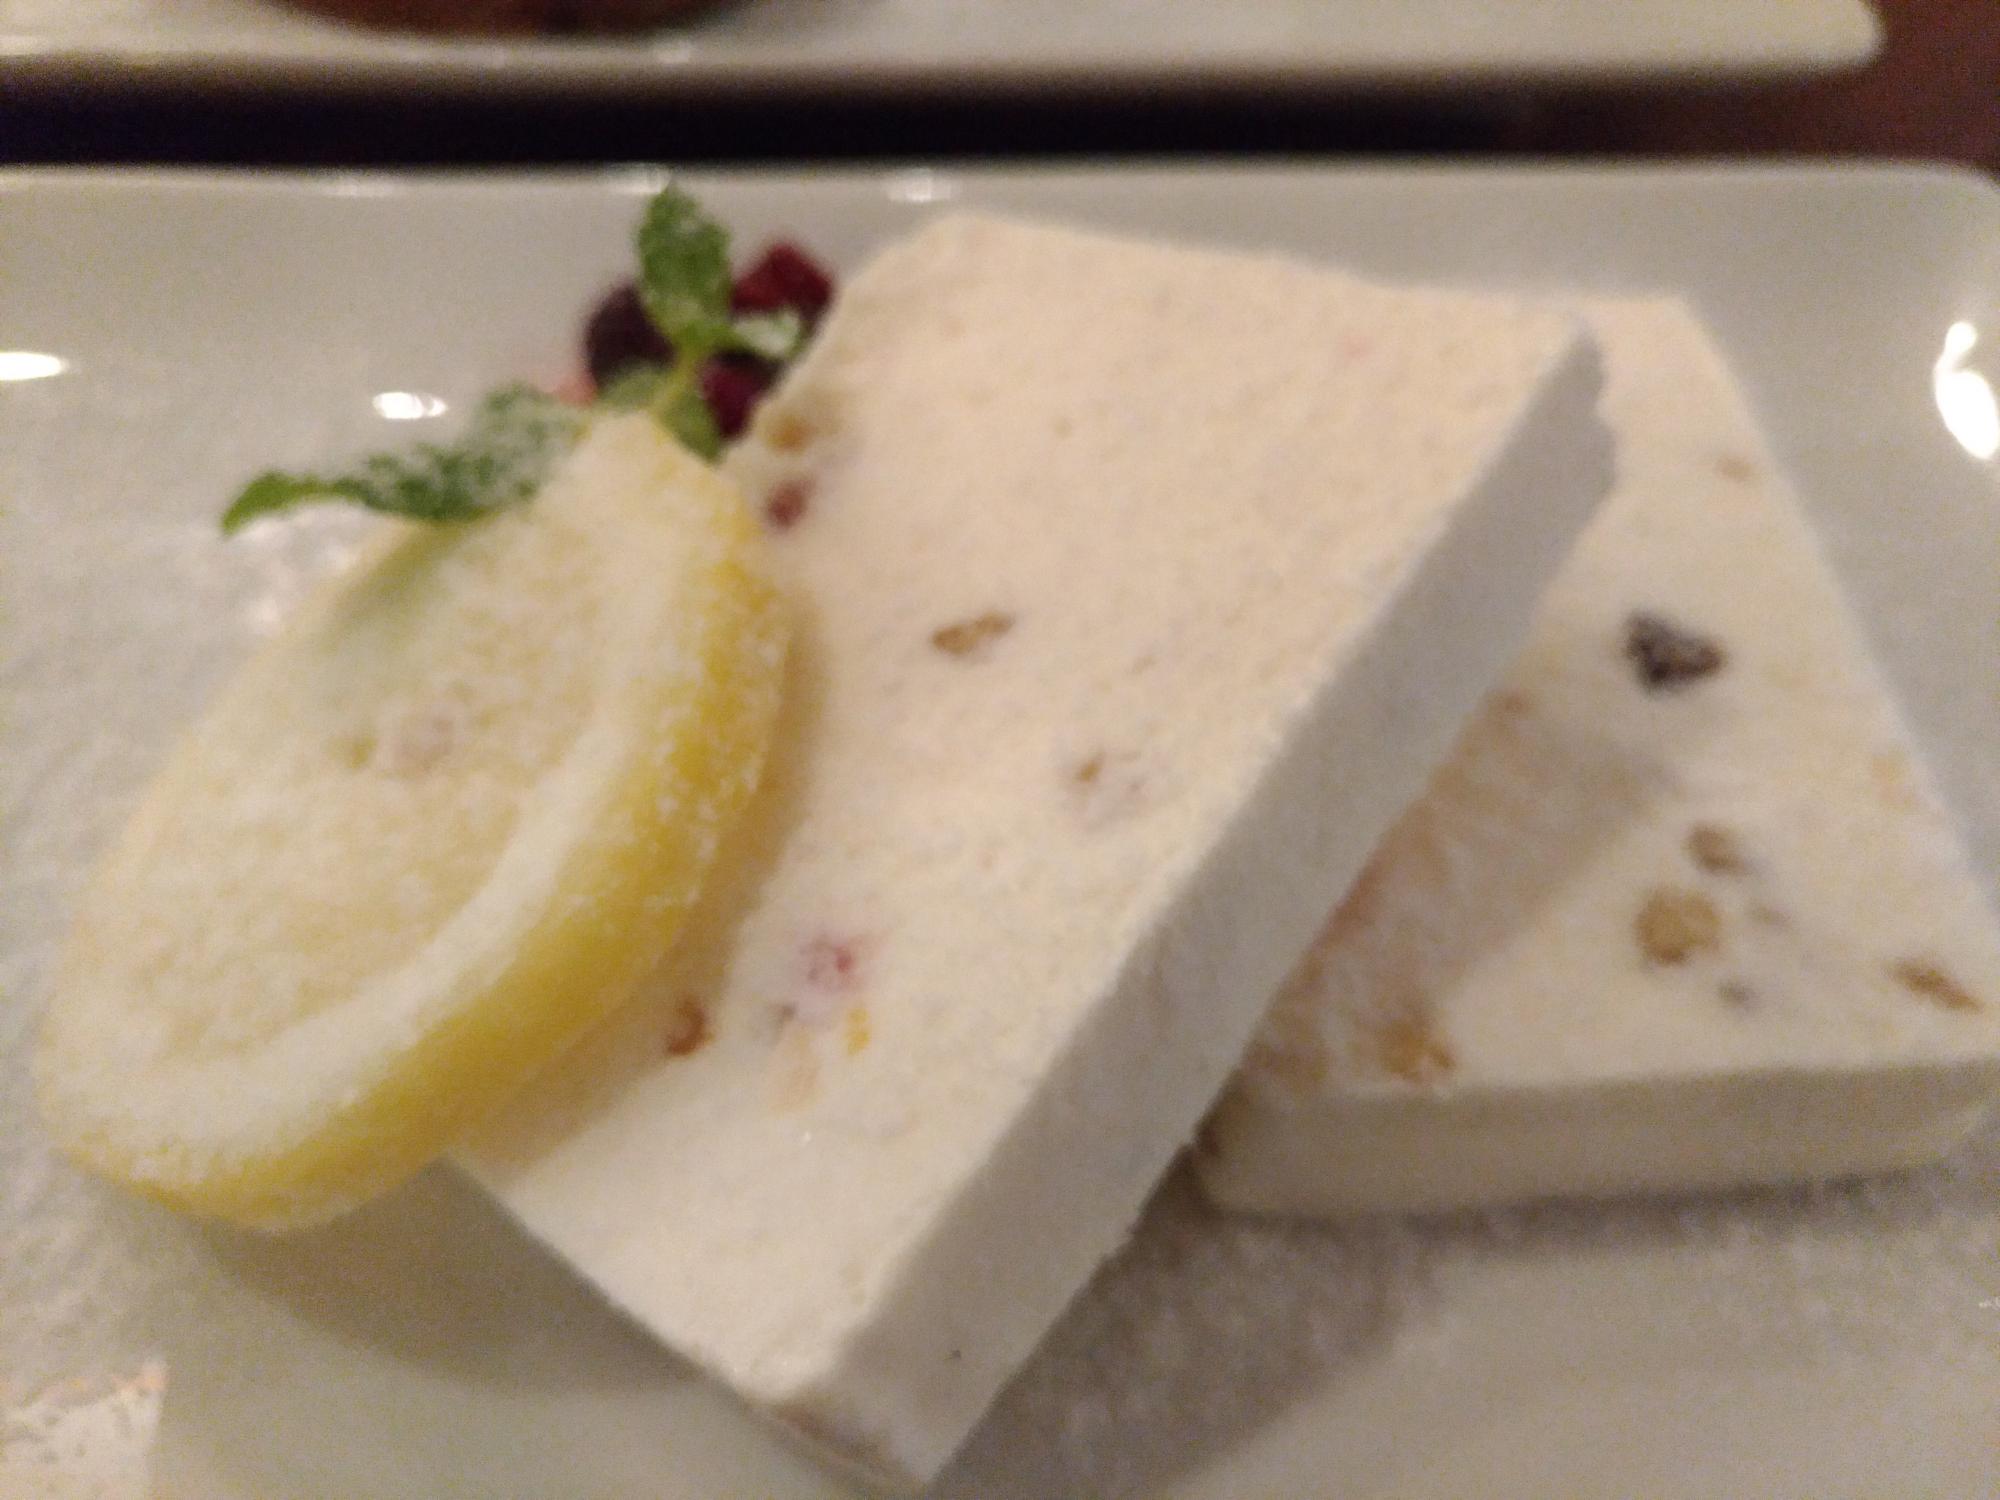 ナッツとドライフルーツ入りアイスチーズケーキ(タワーレコードカフェ) (7)_R